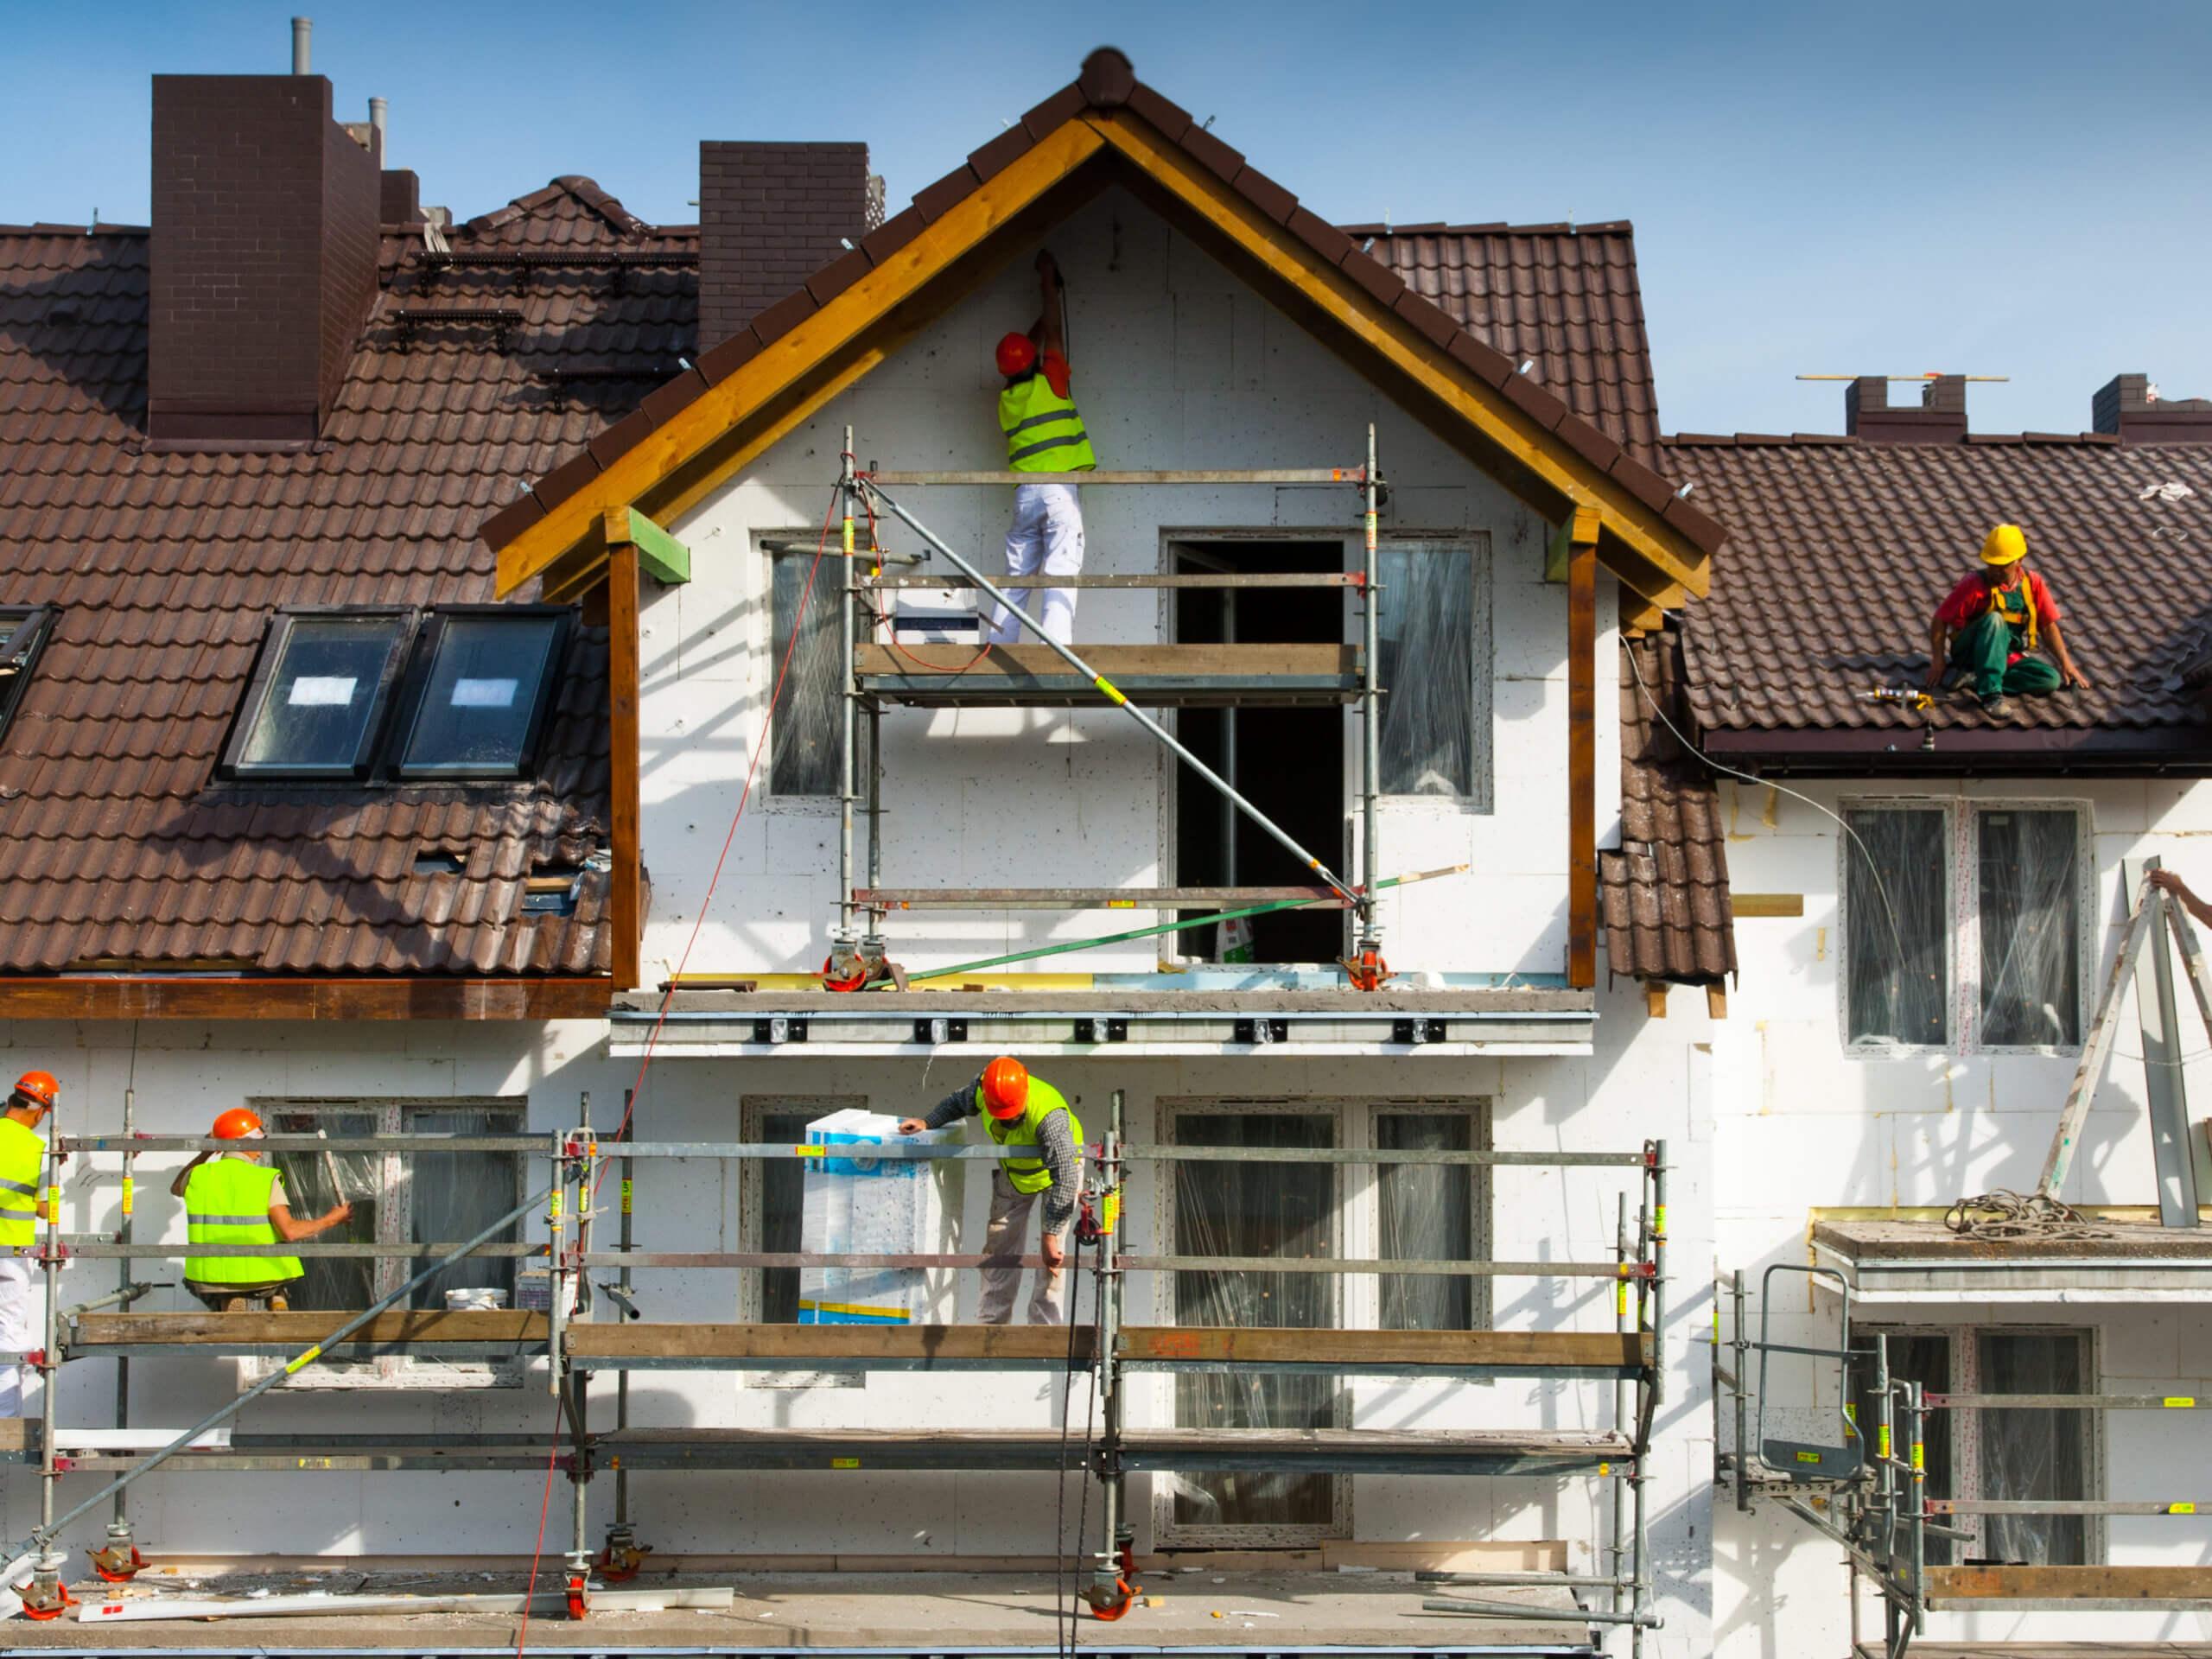 Szigetelnénk a házat! Mire figyeljünk, hogyan válasszunk szigetelőanyagot?